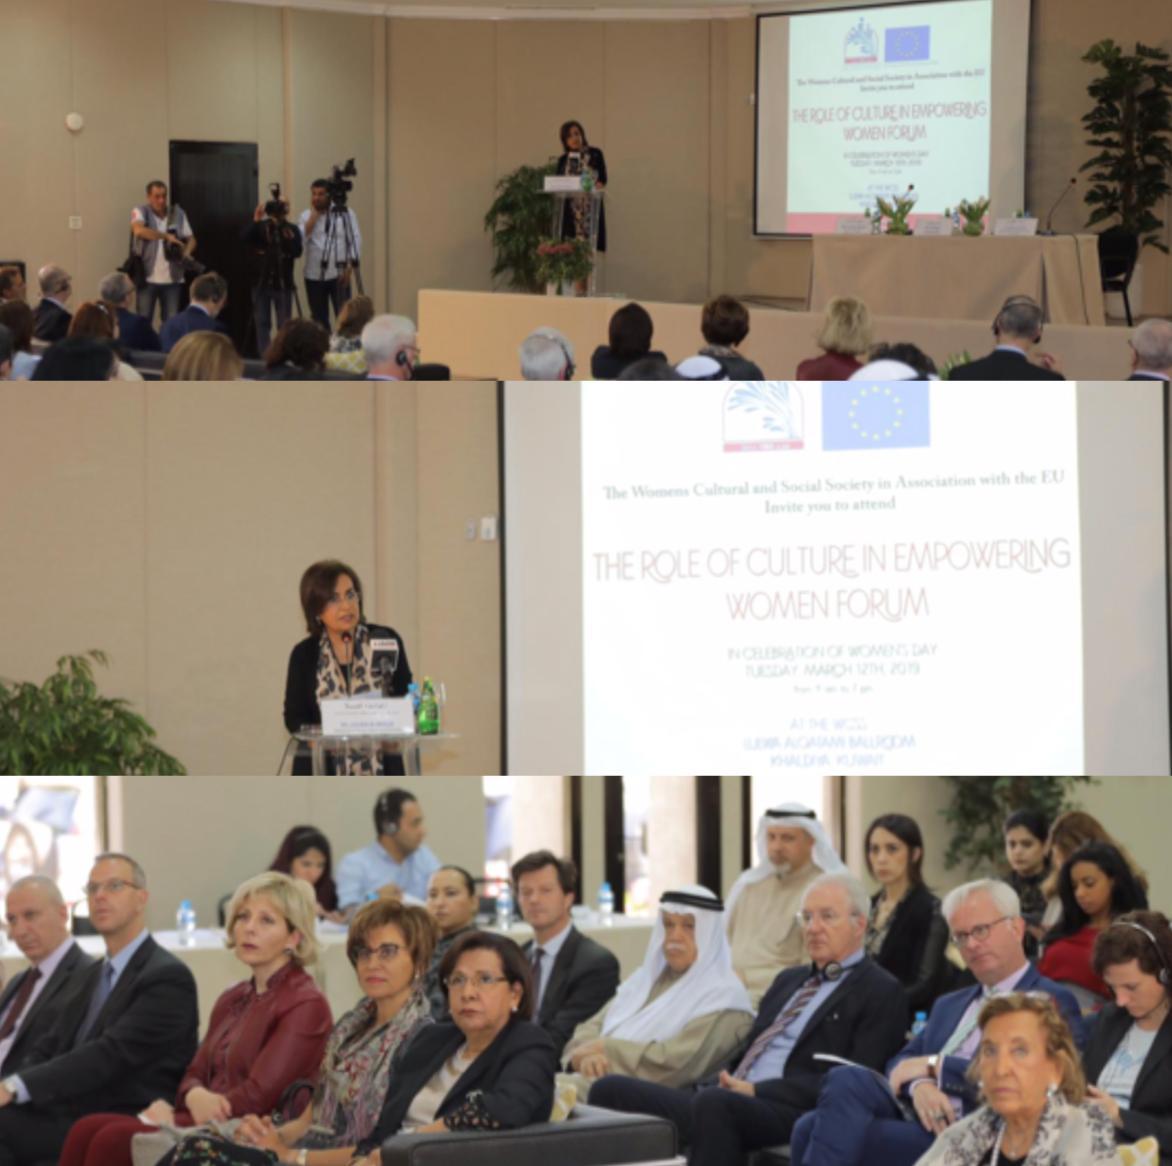 """الكلمة الافتتاحية ألقتها أ. لولوه الملا رئيس مجلس ادارة الجمعية الثقافية الاجتماعية النسائية في منتدى """" دور الثقافة بتمكين المرأة """" ١٢ مارس ٢٠١٩"""